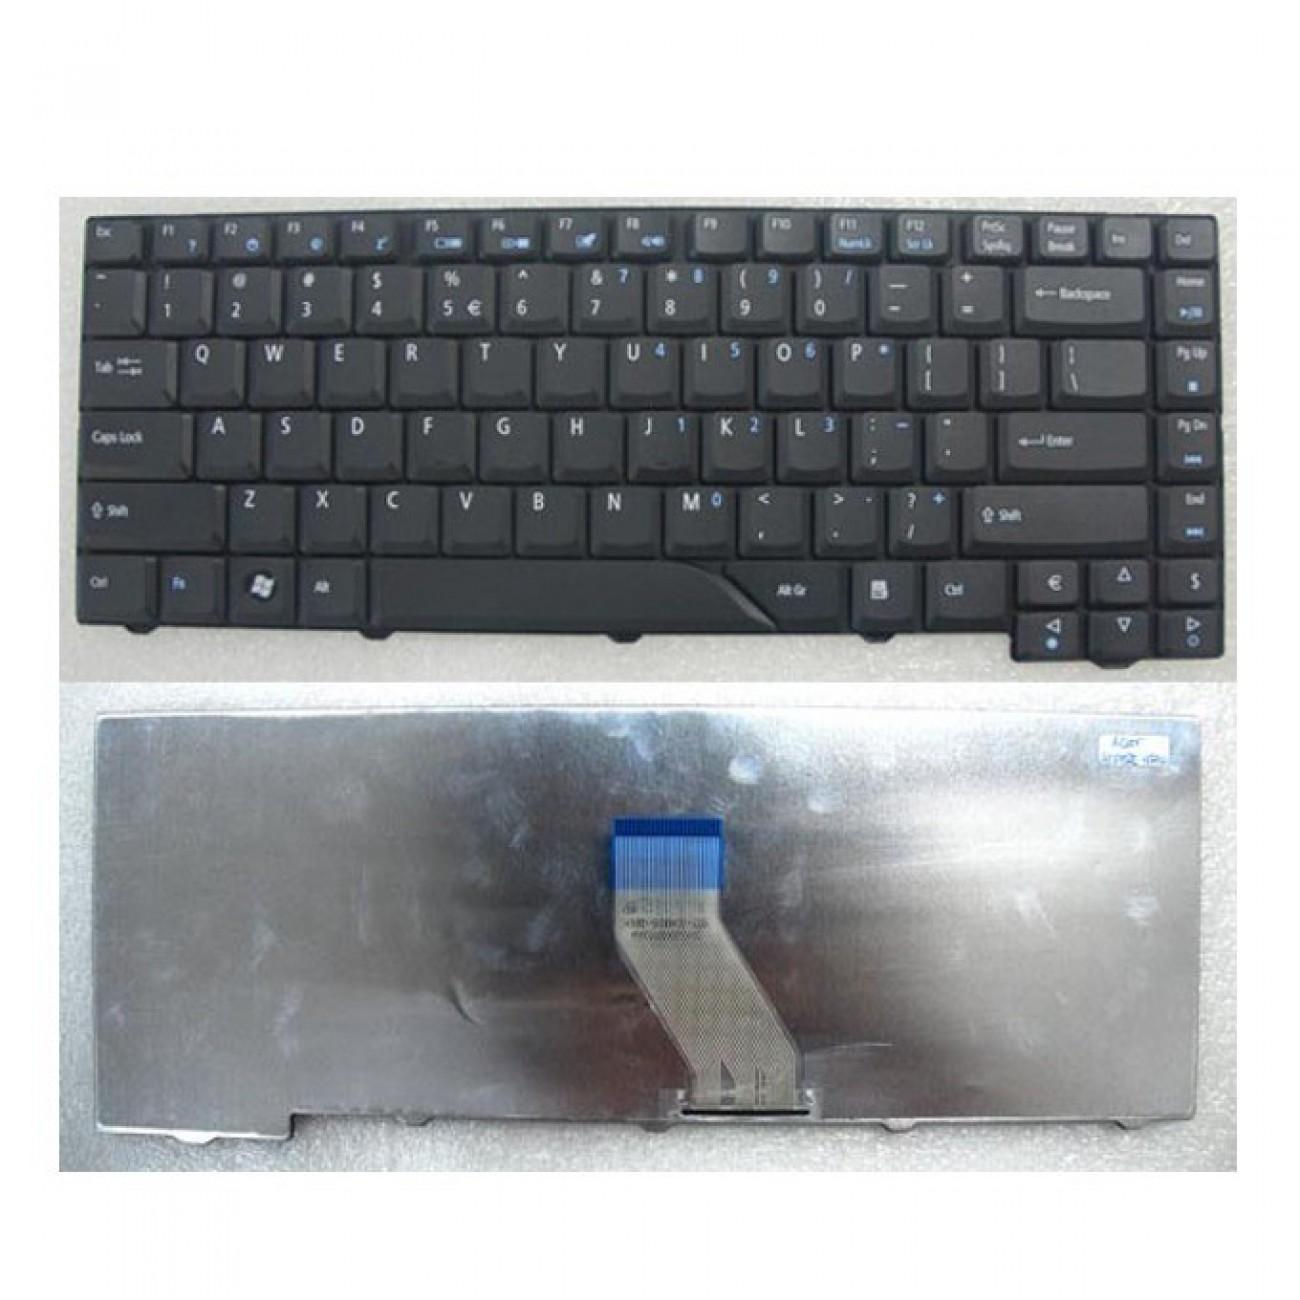 Клавиатура за Acer Aspire 4730, съвместима с 4930/5315/5320/5520/5530/5720, с КИРИЛИЦА в Резервни части -  | Alleop